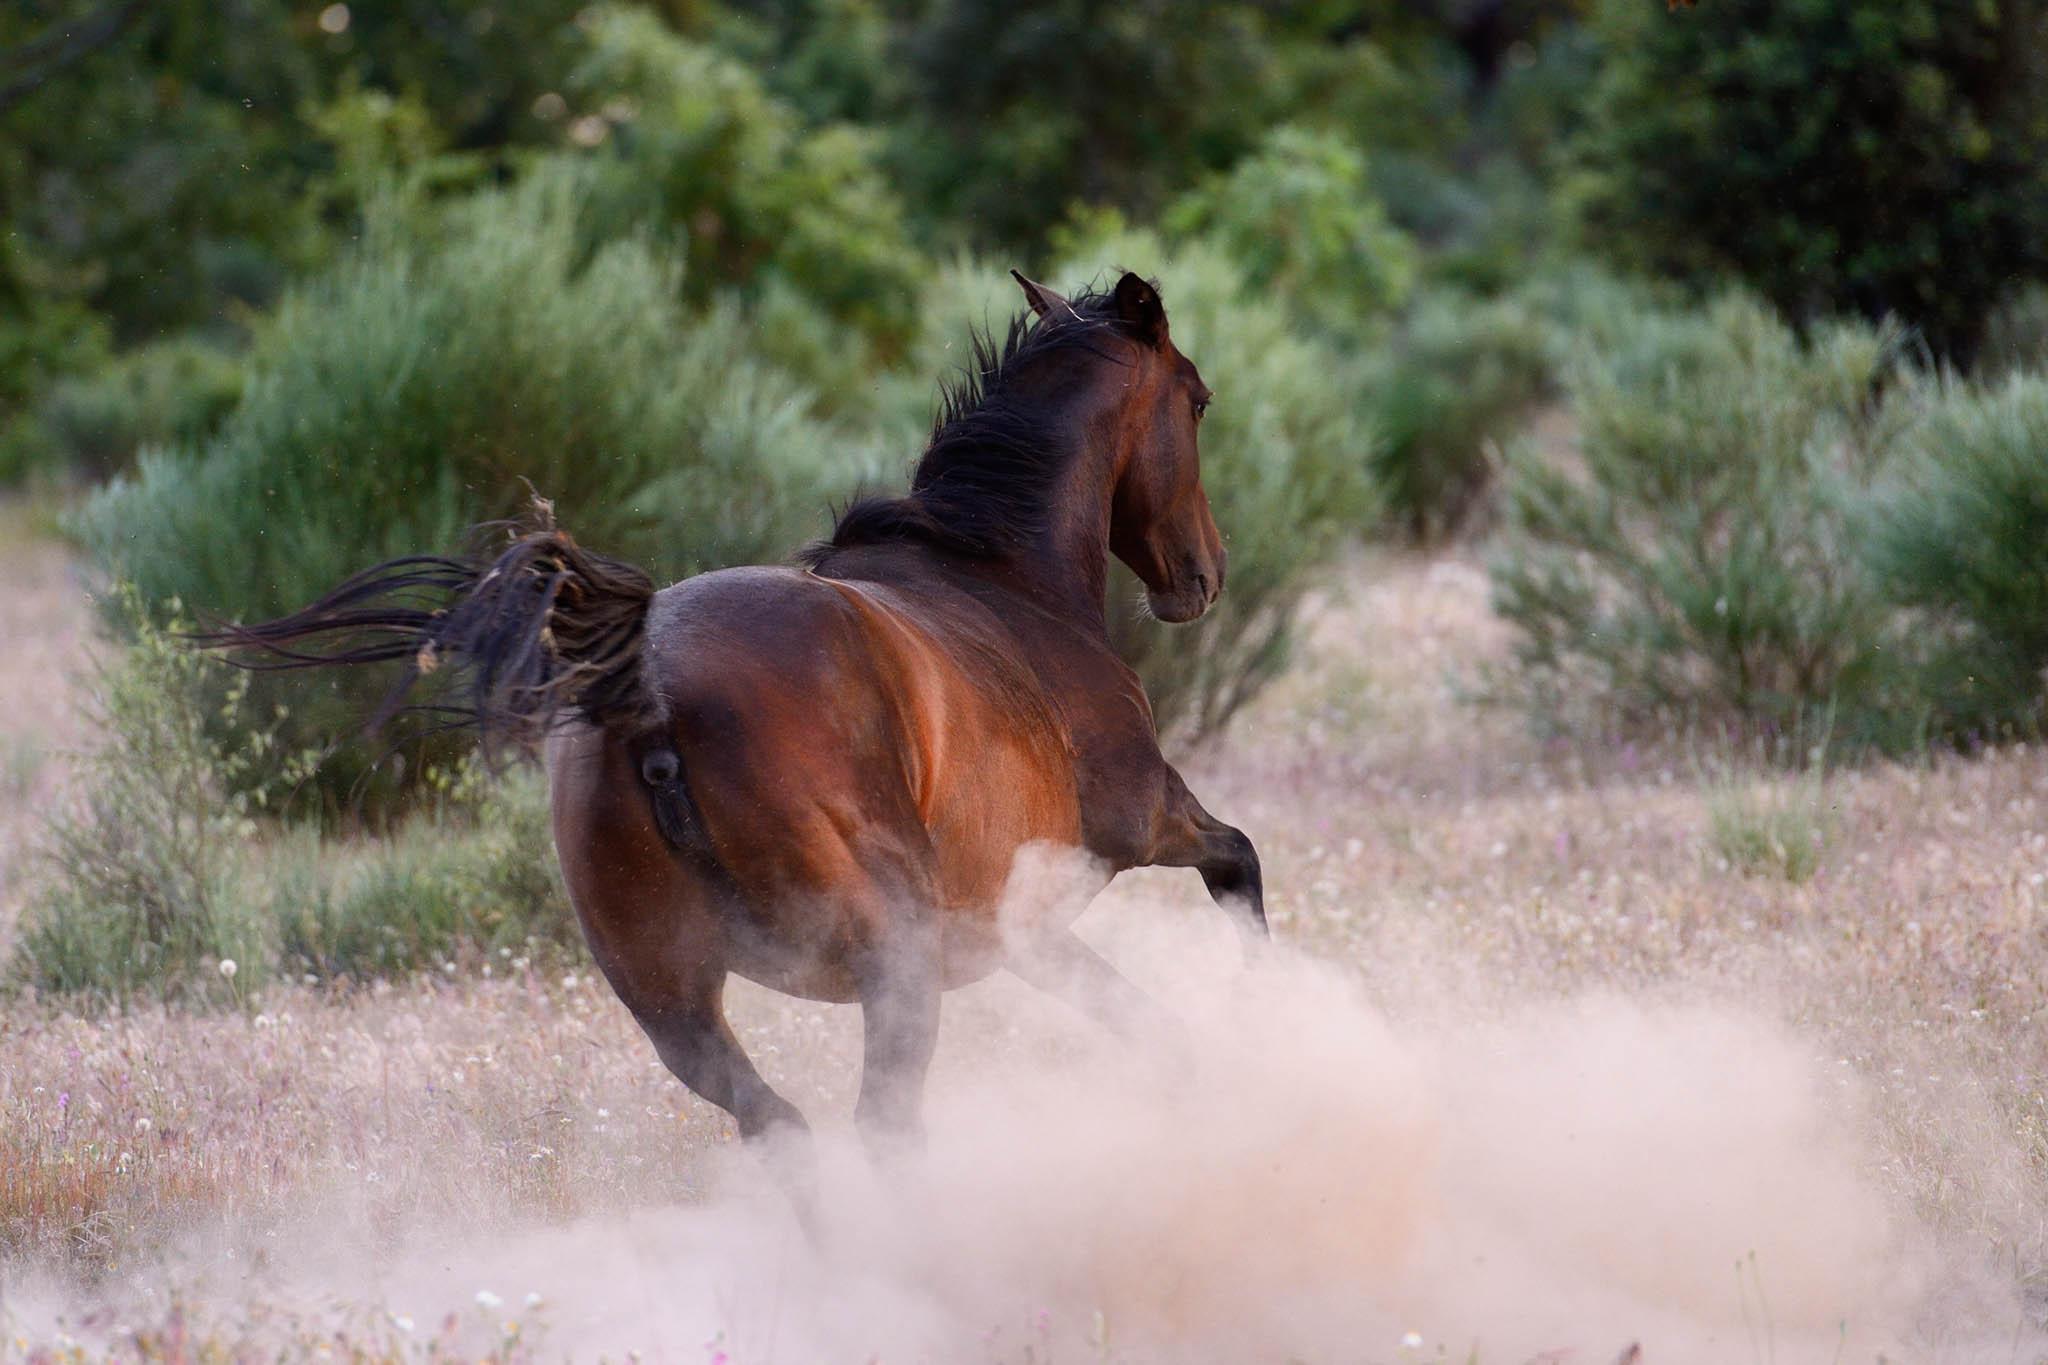 Wild Retuertas horses in the Western Iberia rewilding area